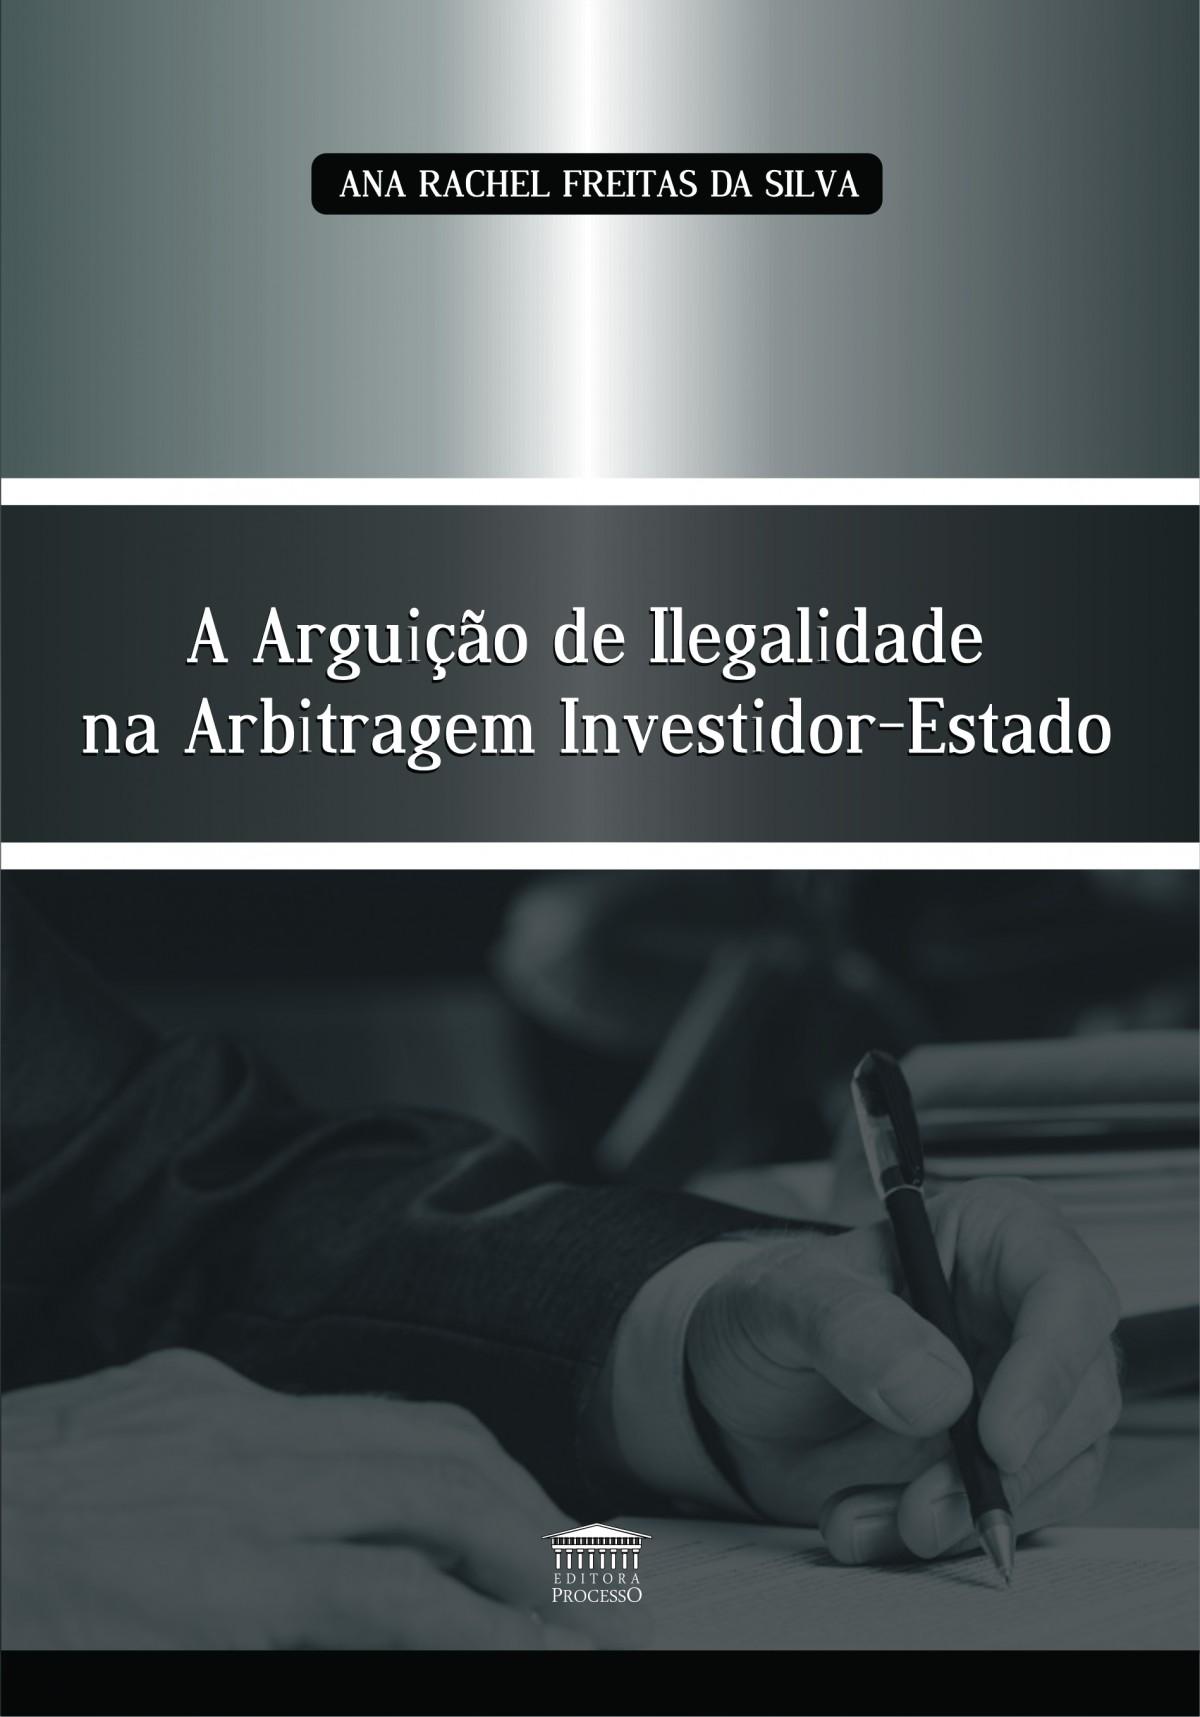 Foto 1 - A Arguição de Ilegalidade na Arbitragem Investidor-Estado